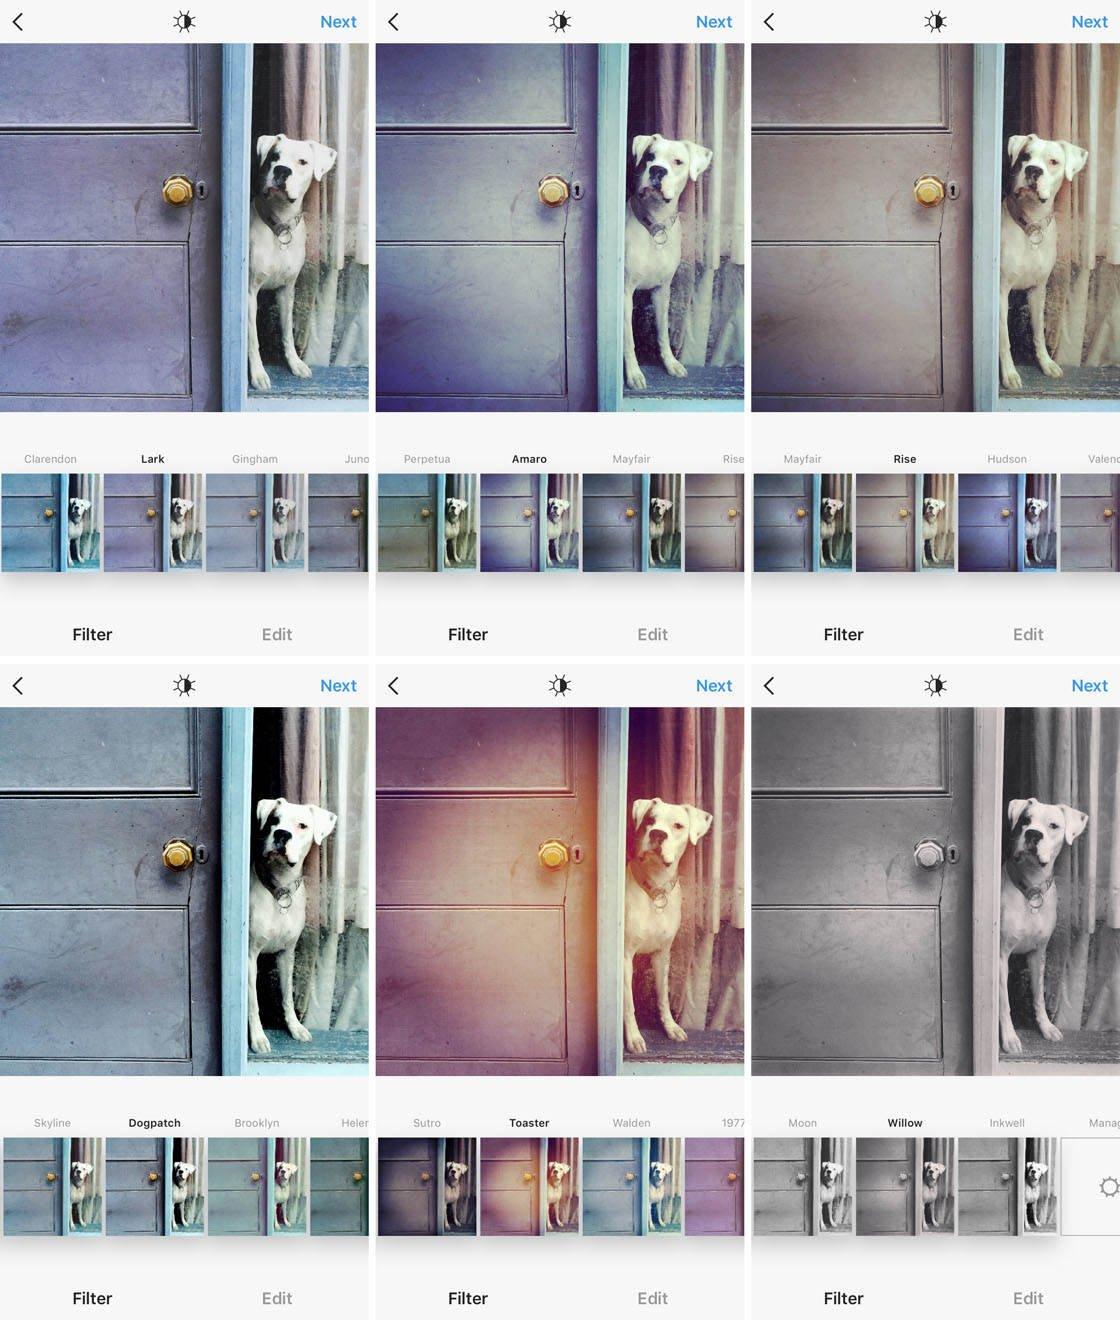 Instagram iPhone Photo Editing 18 no script